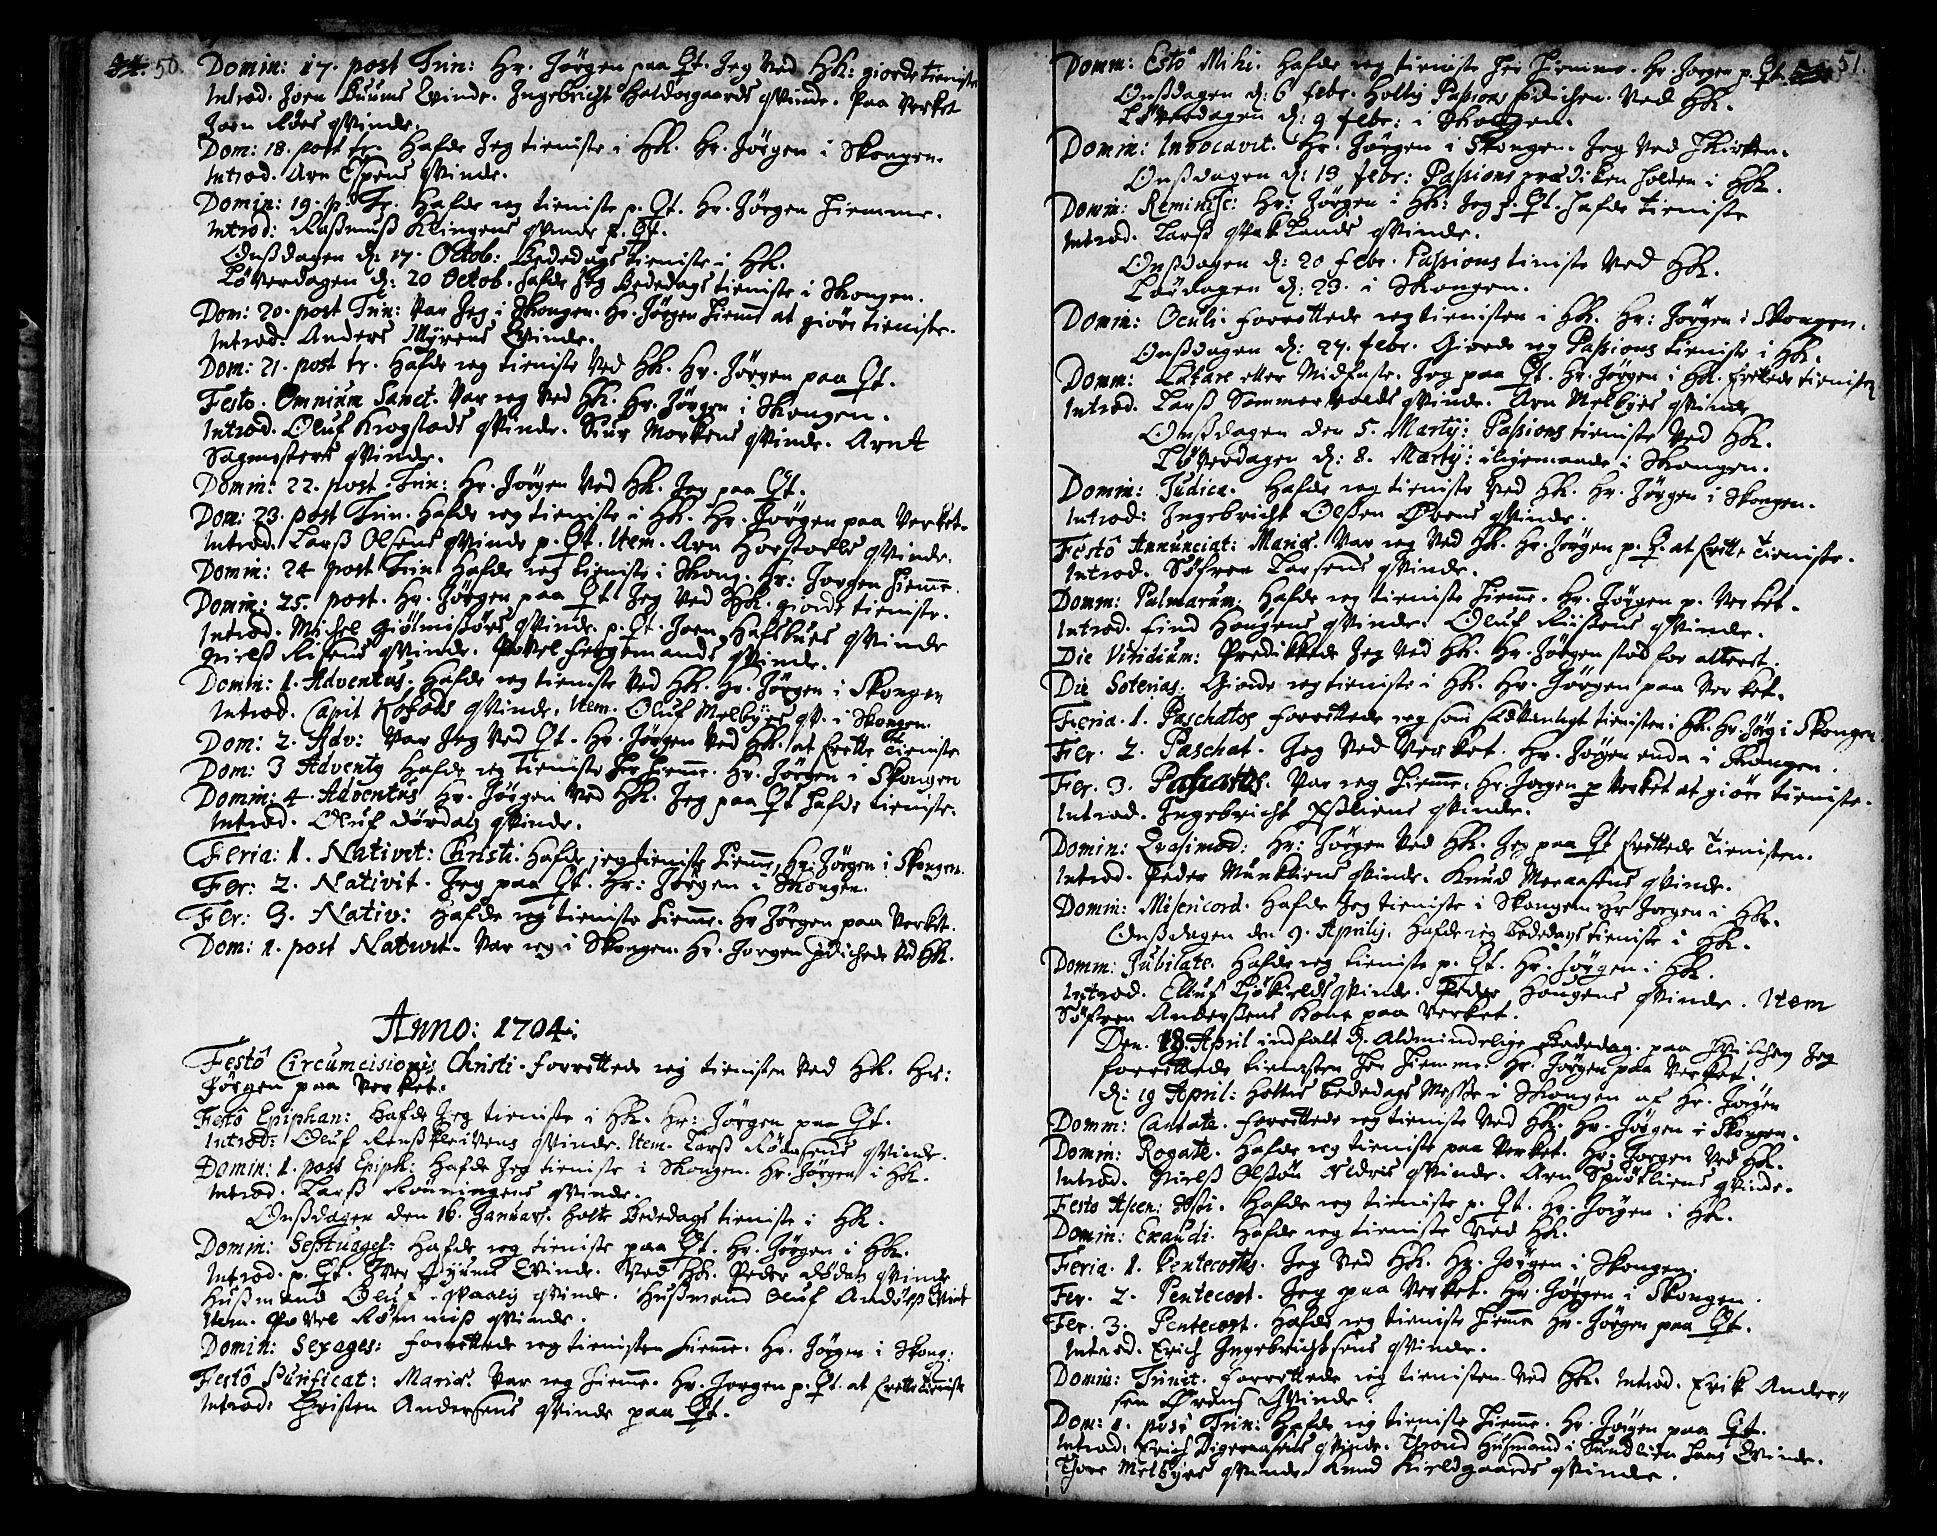 SAT, Ministerialprotokoller, klokkerbøker og fødselsregistre - Sør-Trøndelag, 668/L0801: Ministerialbok nr. 668A01, 1695-1716, s. 50-51